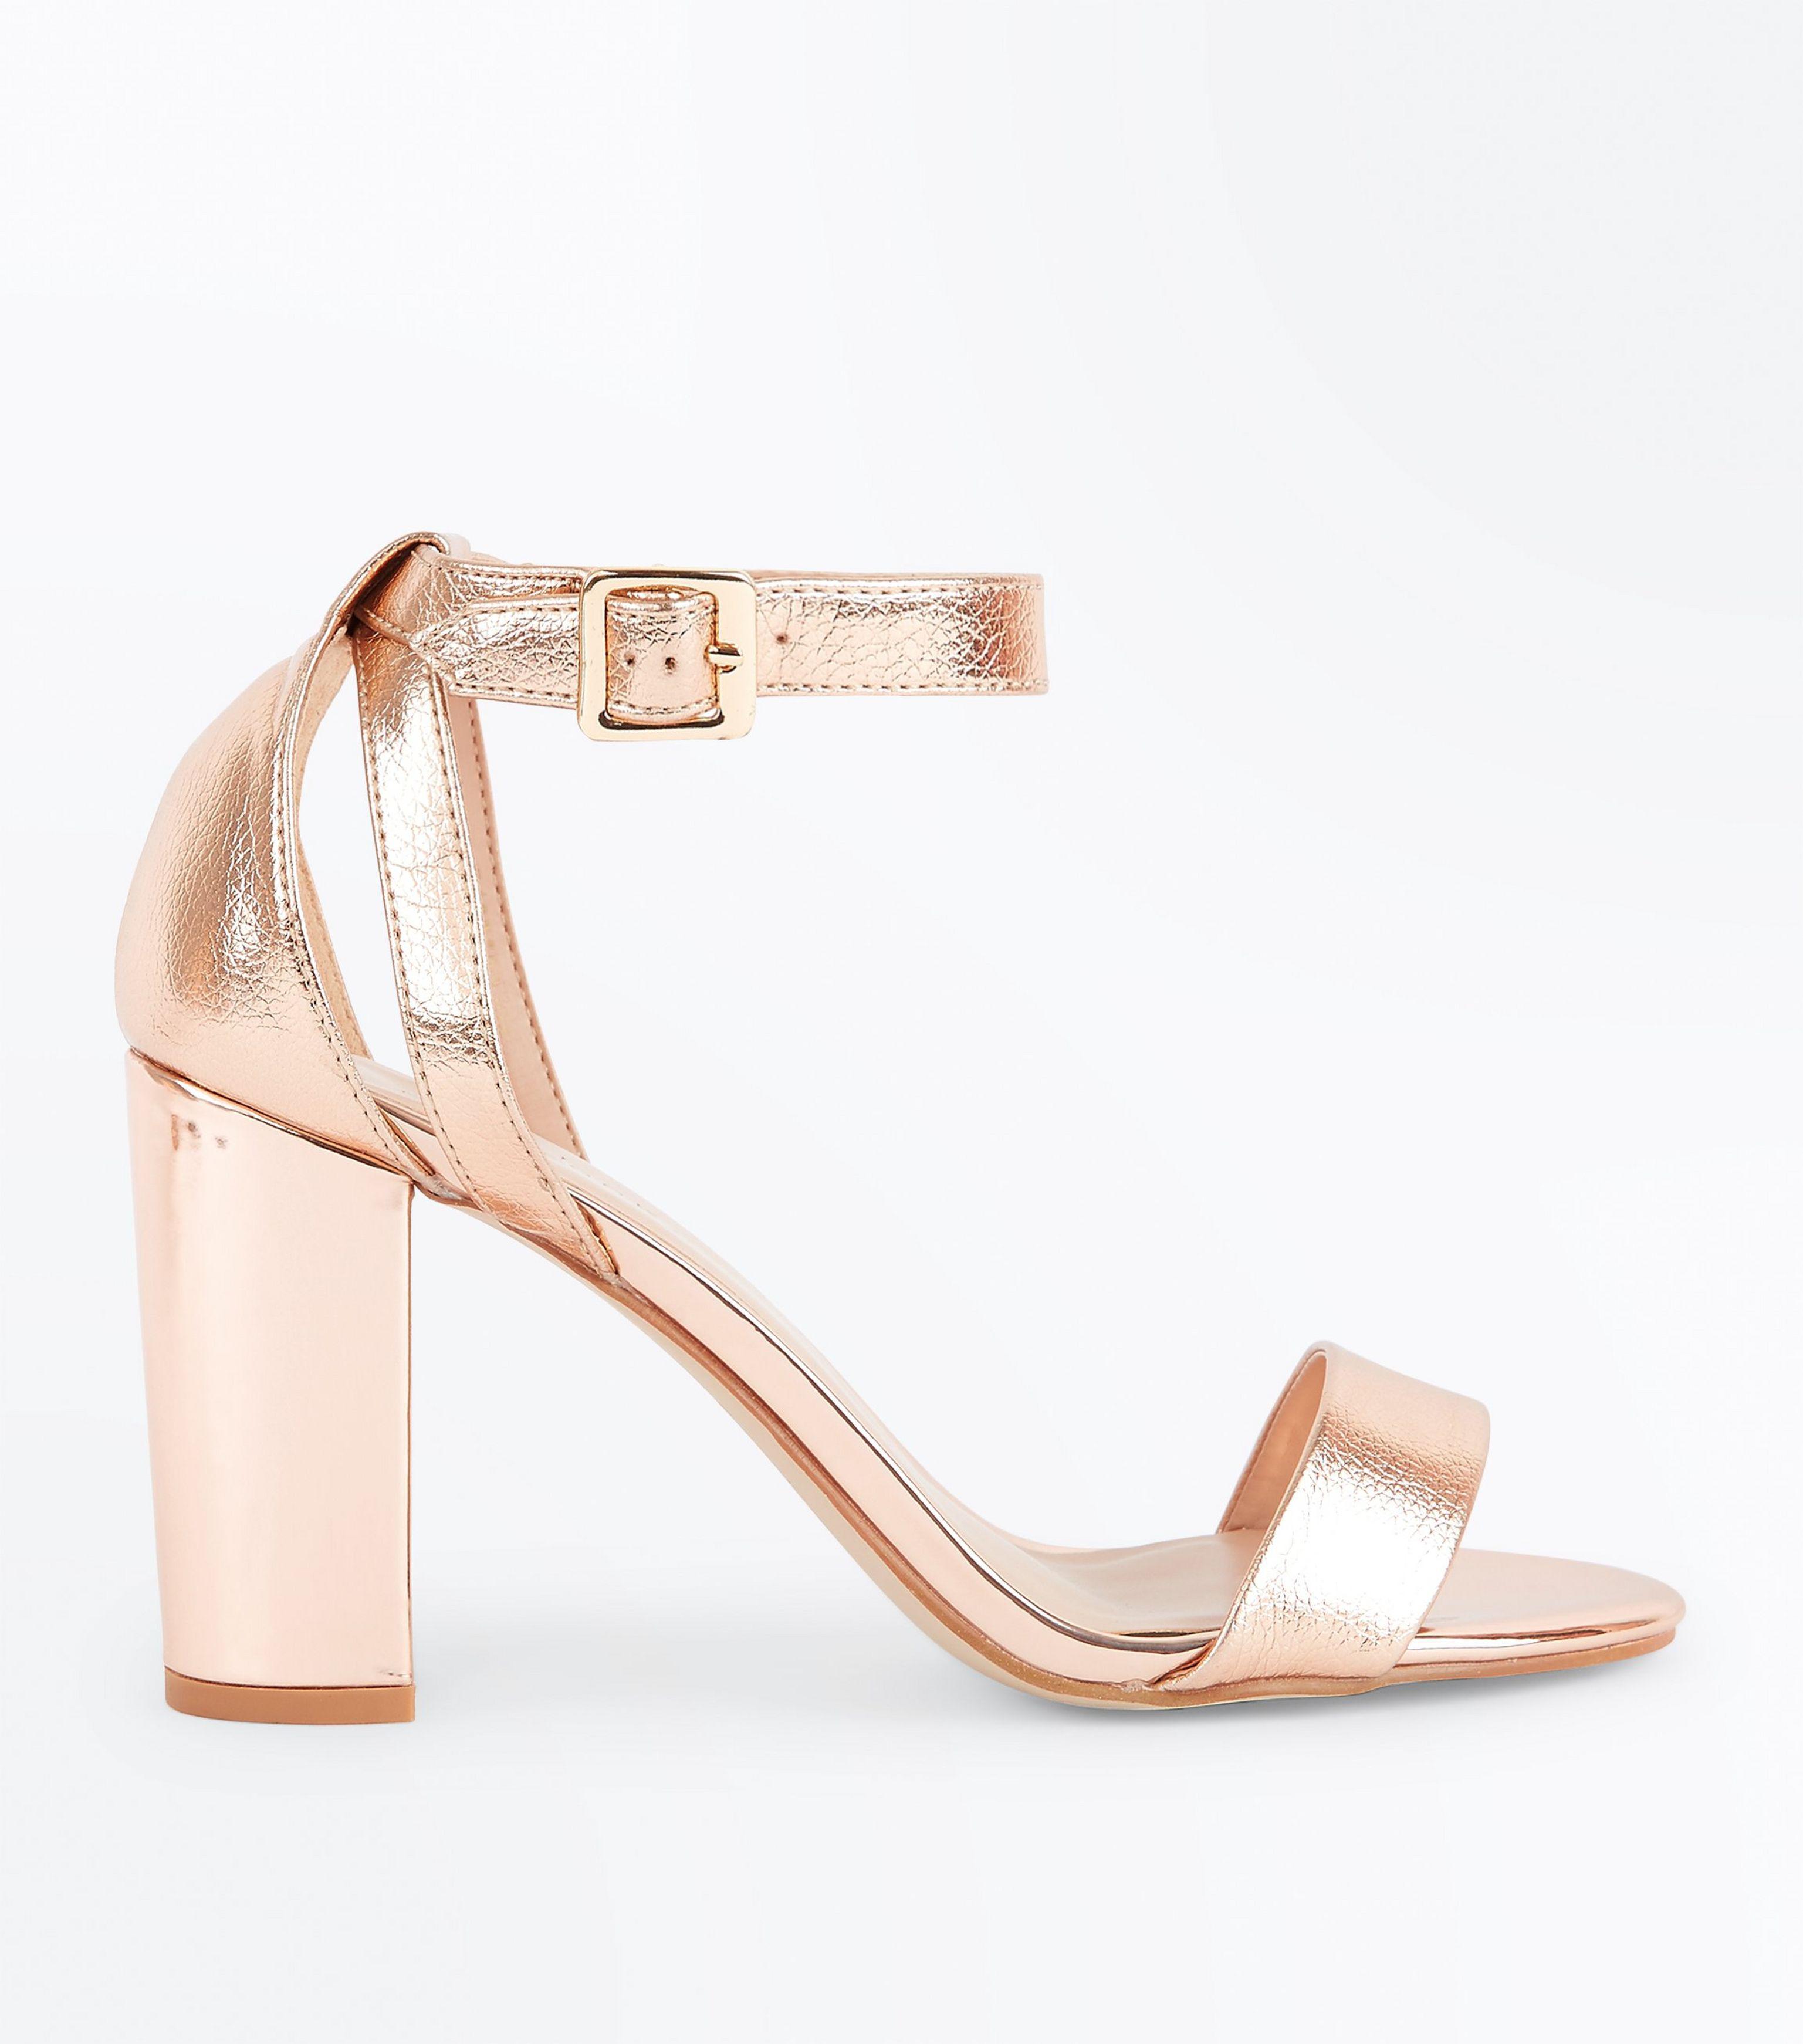 ce927c15198f New Look Rose Gold Metallic Block Heel Sandals in Pink - Lyst